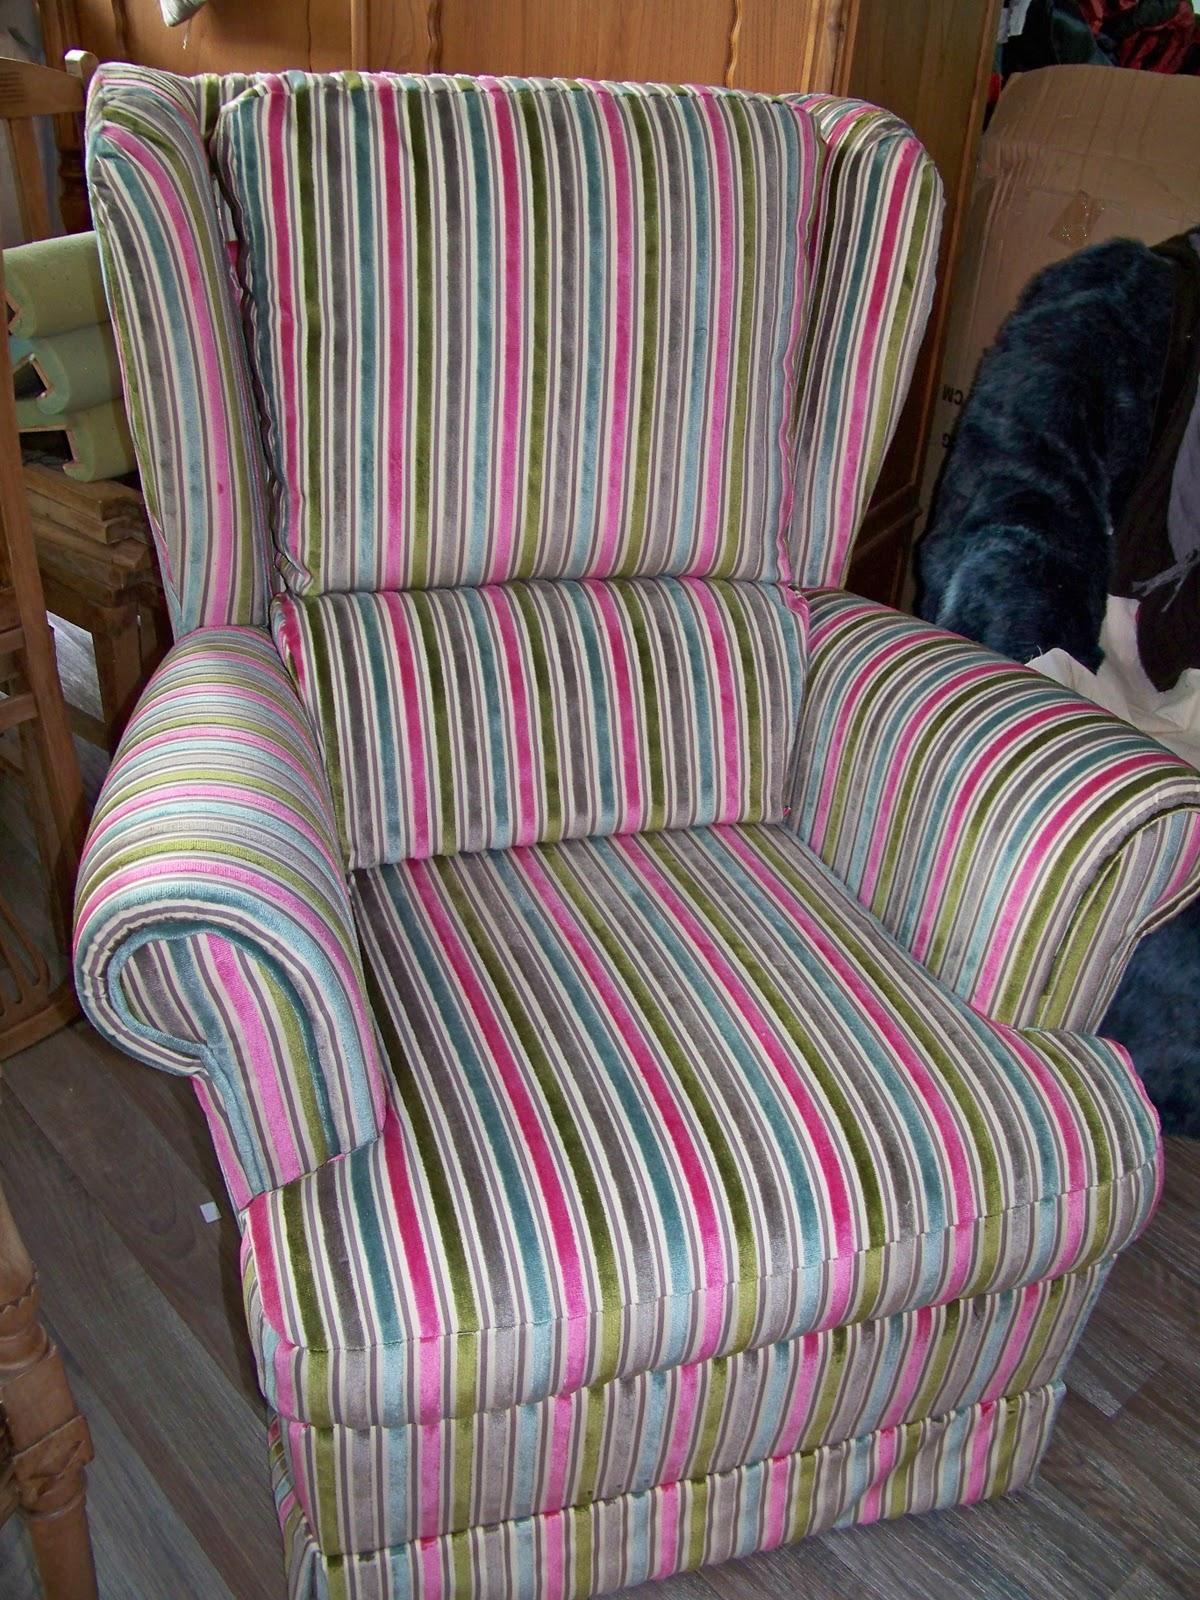 tapissier decorateur fauteuil oreilles. Black Bedroom Furniture Sets. Home Design Ideas